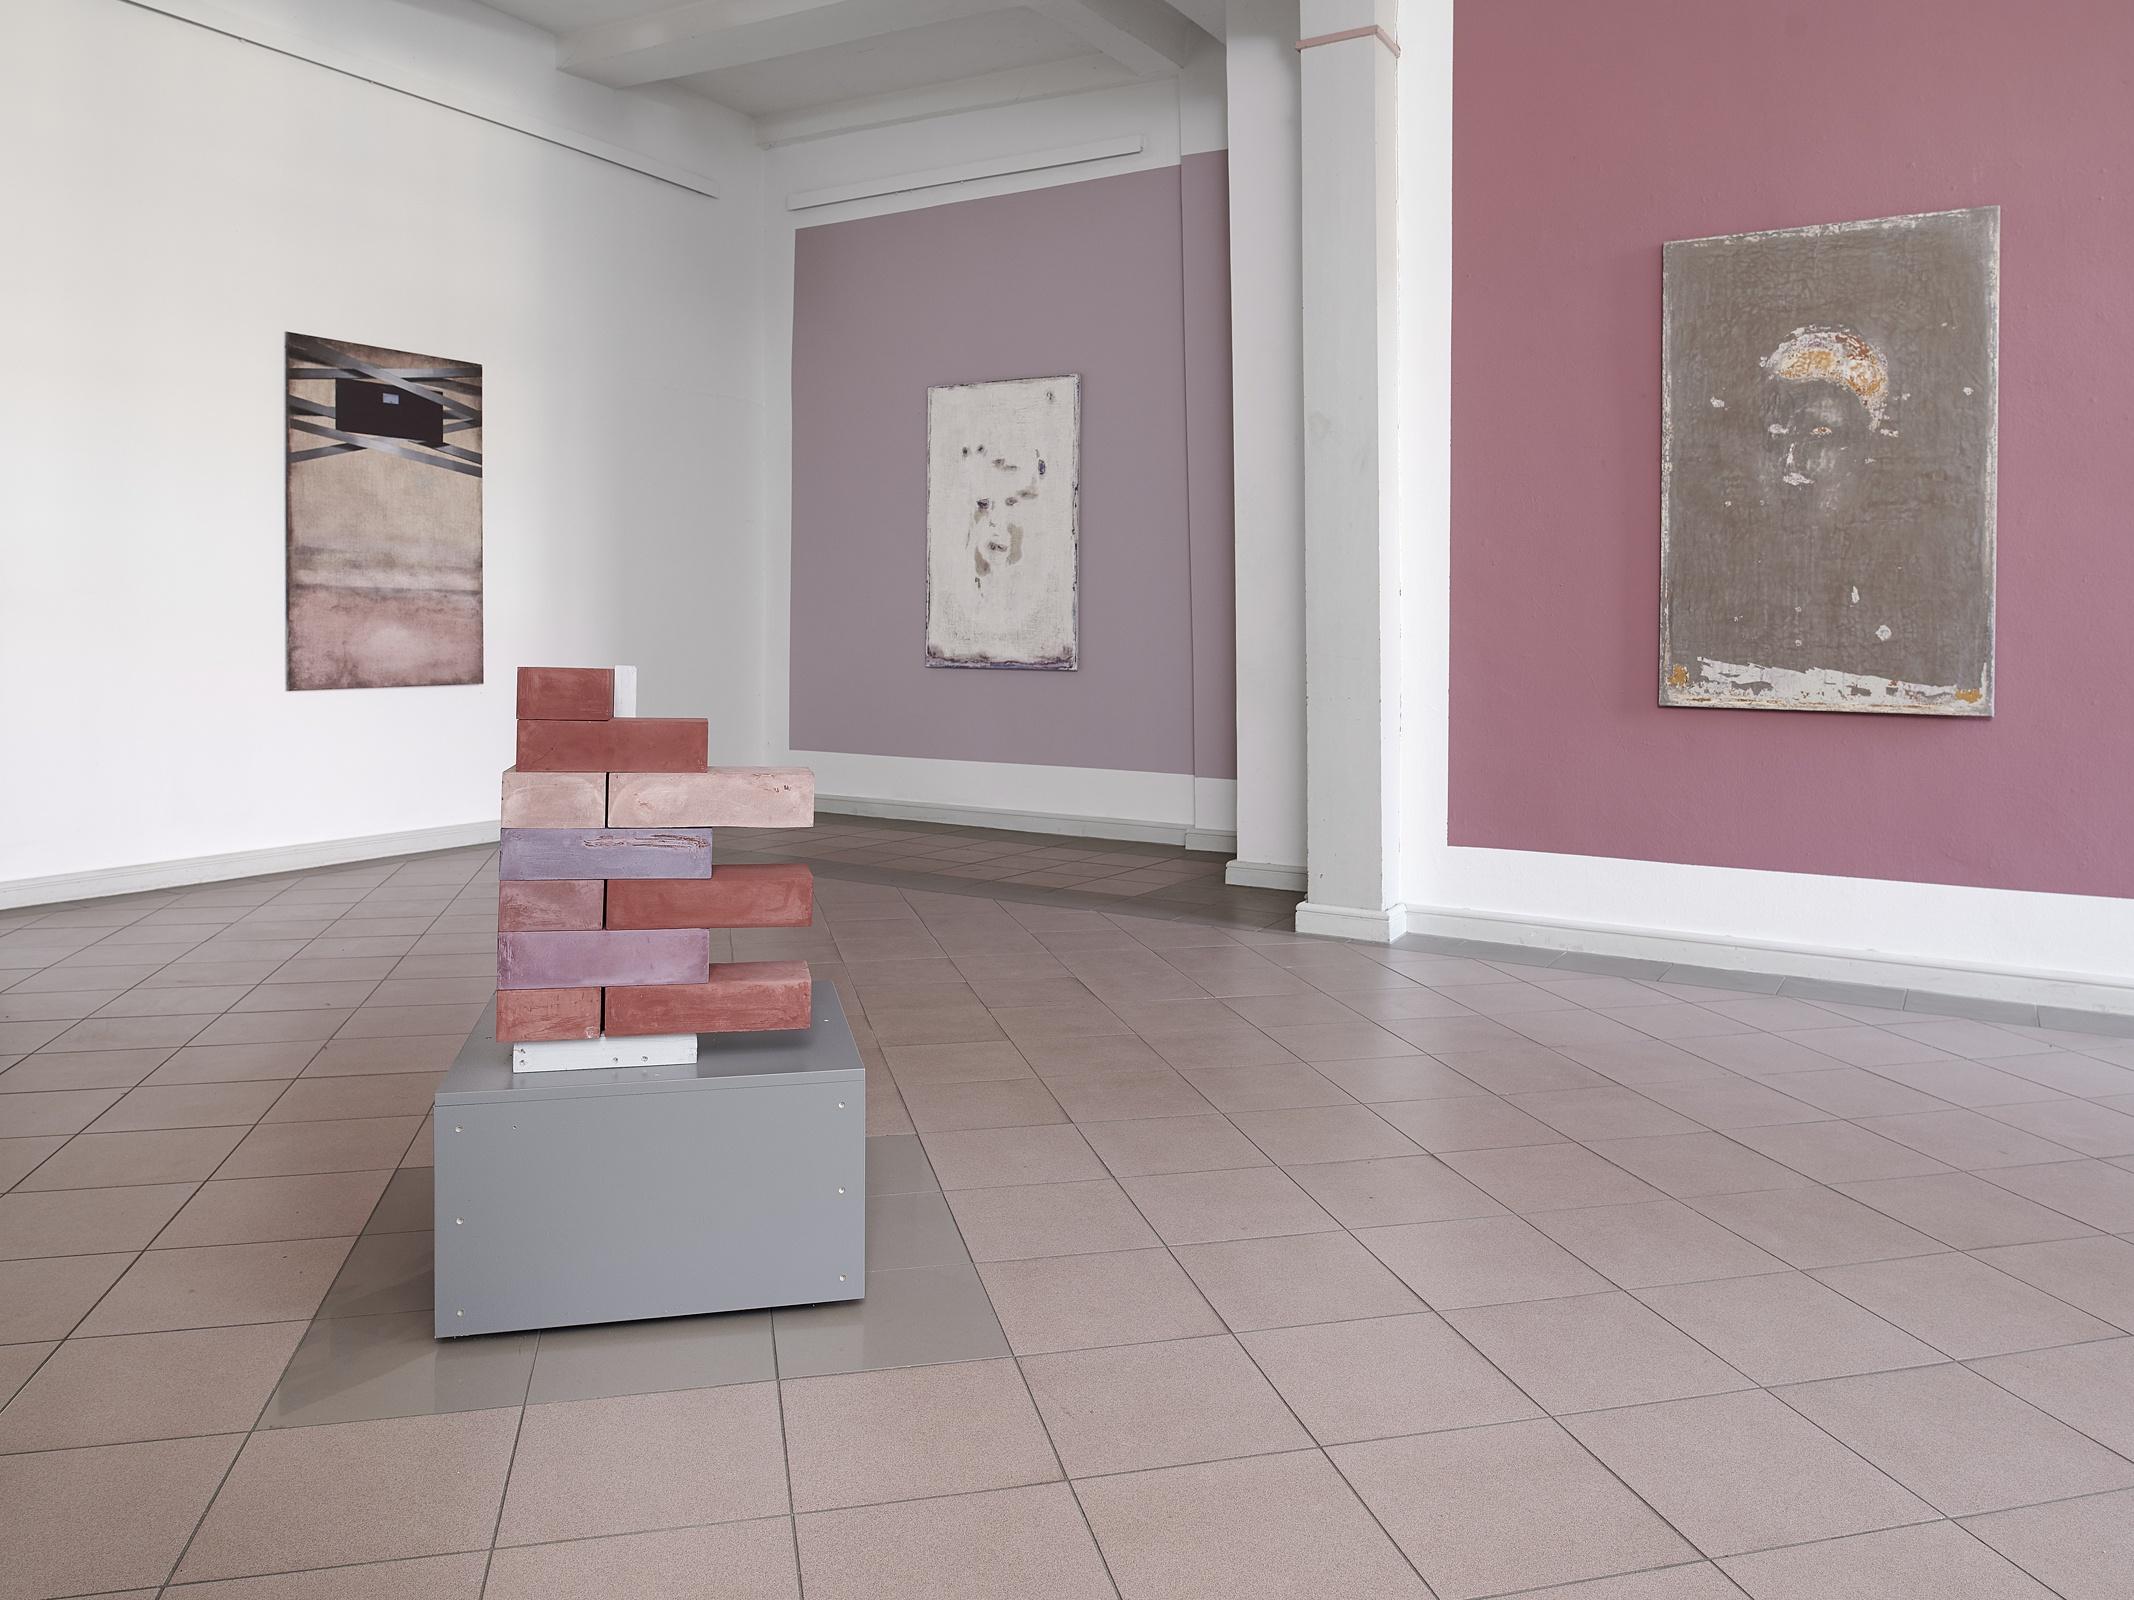 02_Installationsansicht_Kuenstlerhaus-Meinersen_Flur_Spolie-Portraits_02_fc-Nicolas-Wefers